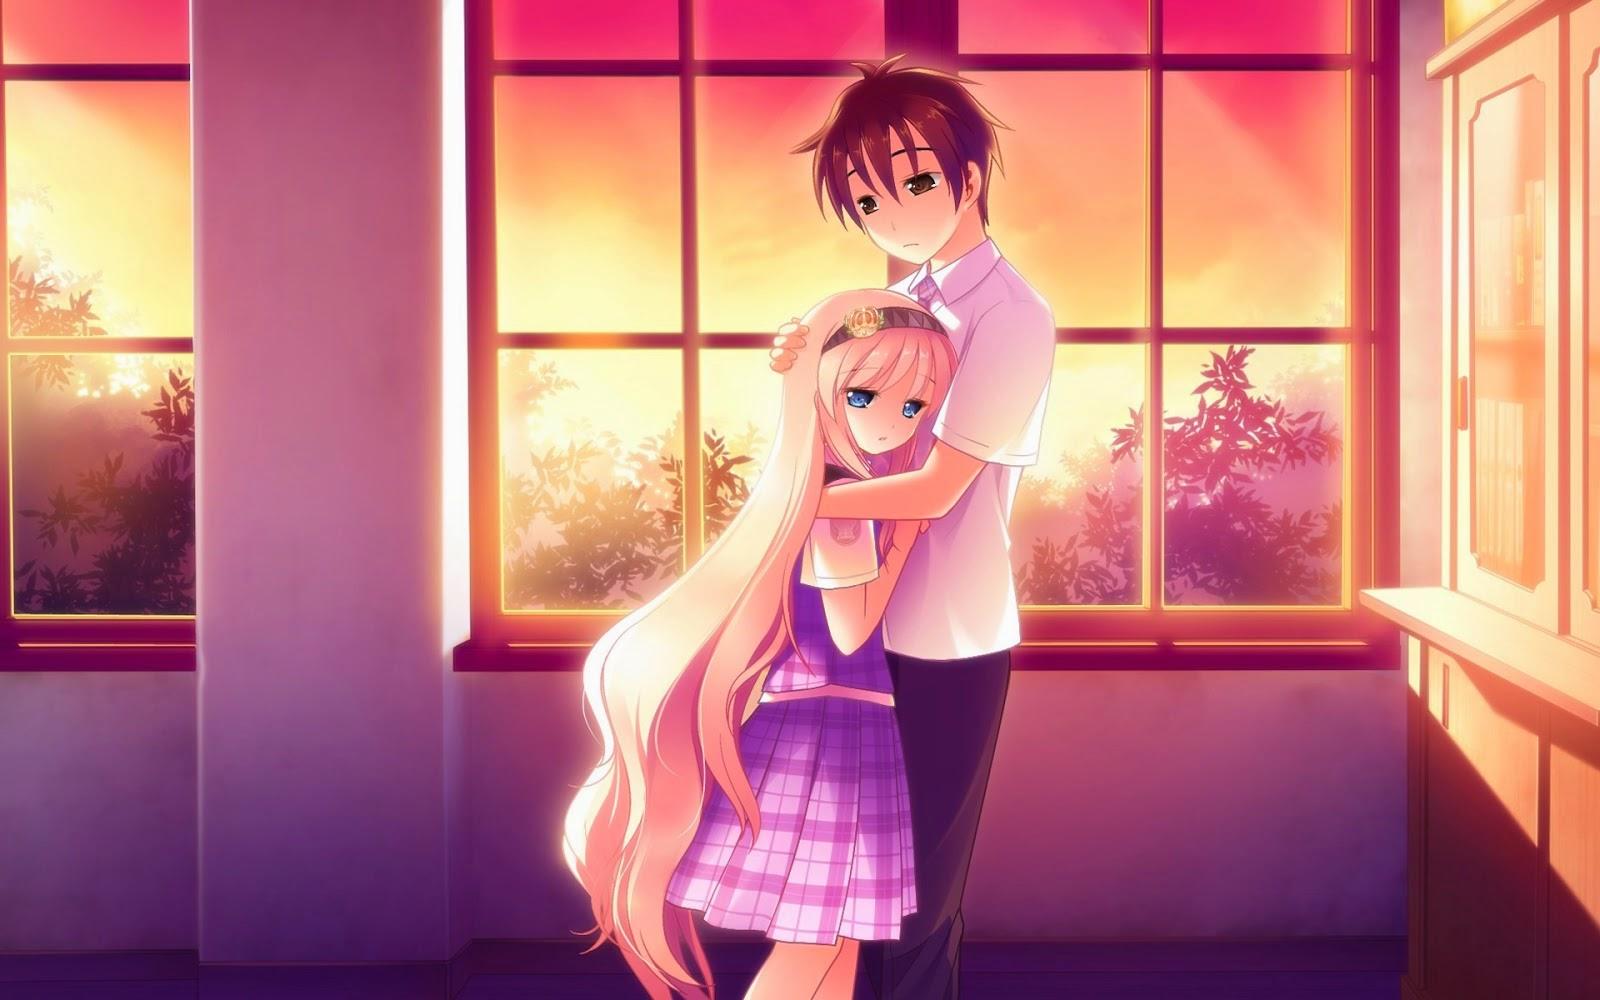 hình nền anime love đẹp nhất